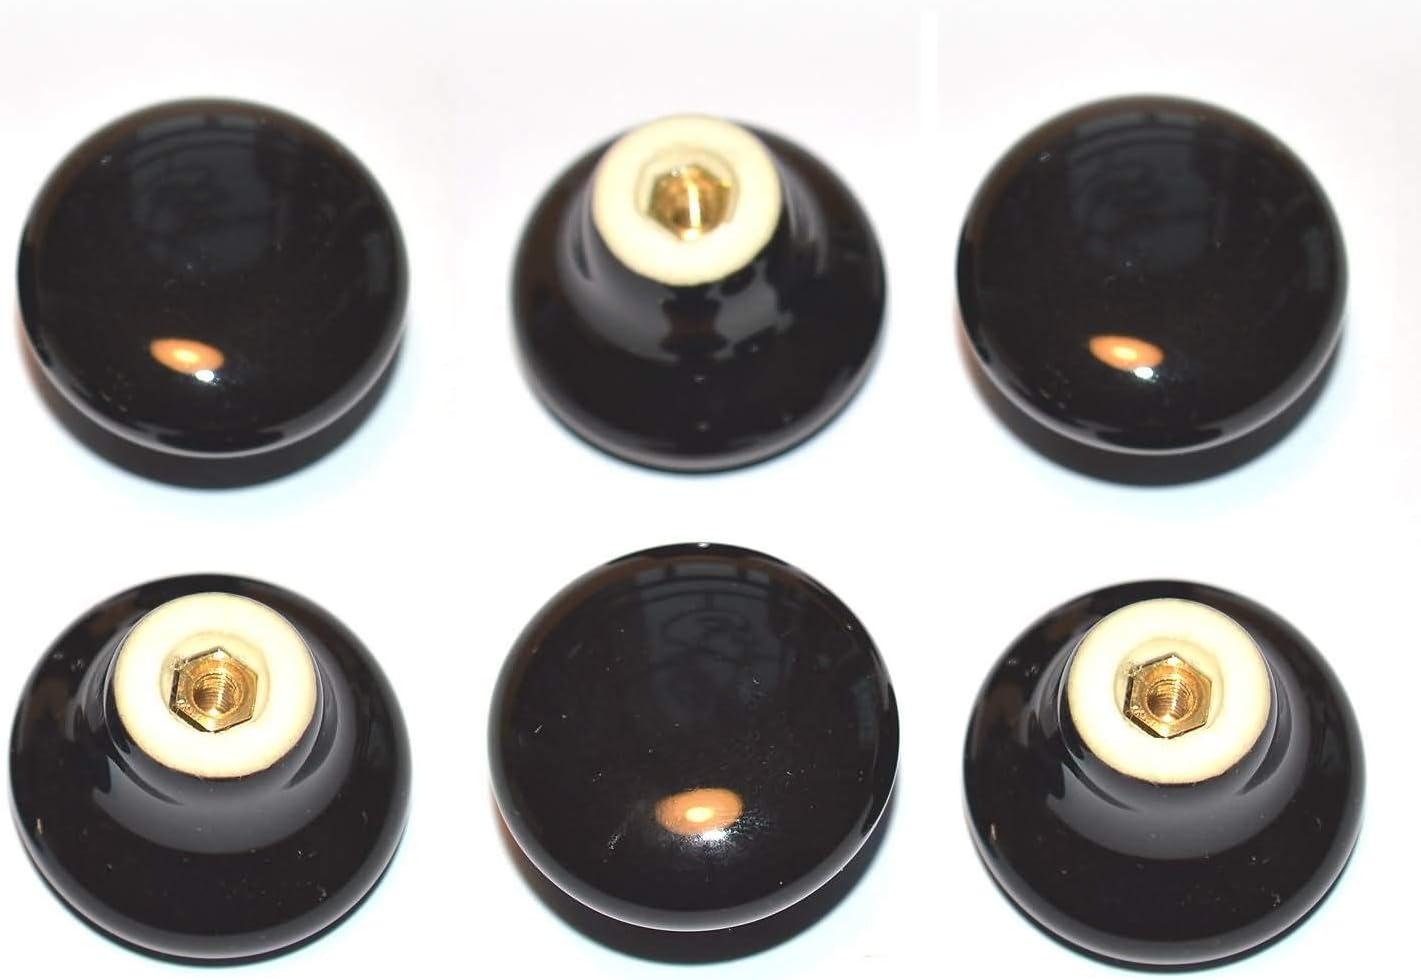 32MM Vintage Tirador para Caj/ón Armarios de Cocina,Cajones NATUCE 10PCS Blanco Cer/ámica Pomo de Armario Redondo Pomos y Tiradores de Muebles Pomos Tiradores de Muebles Pomos para Puertas